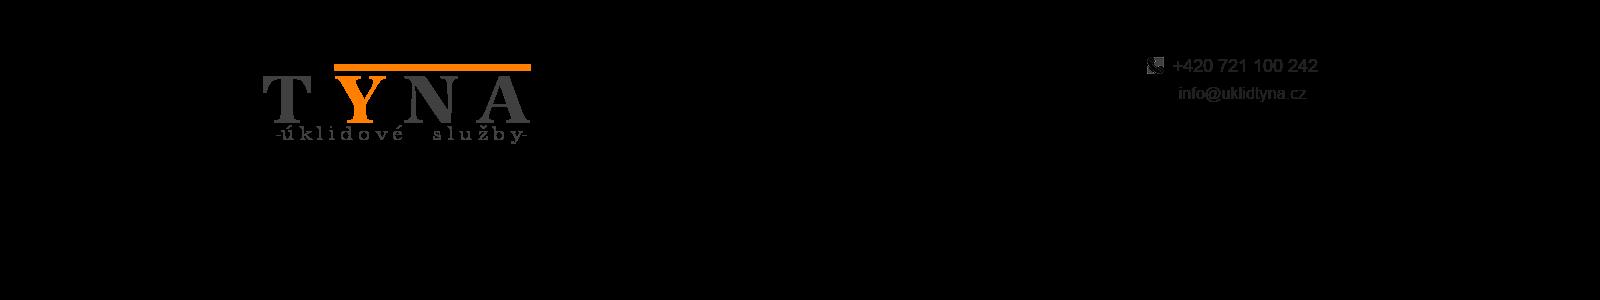 logo firmy TYNA - úklidové služby